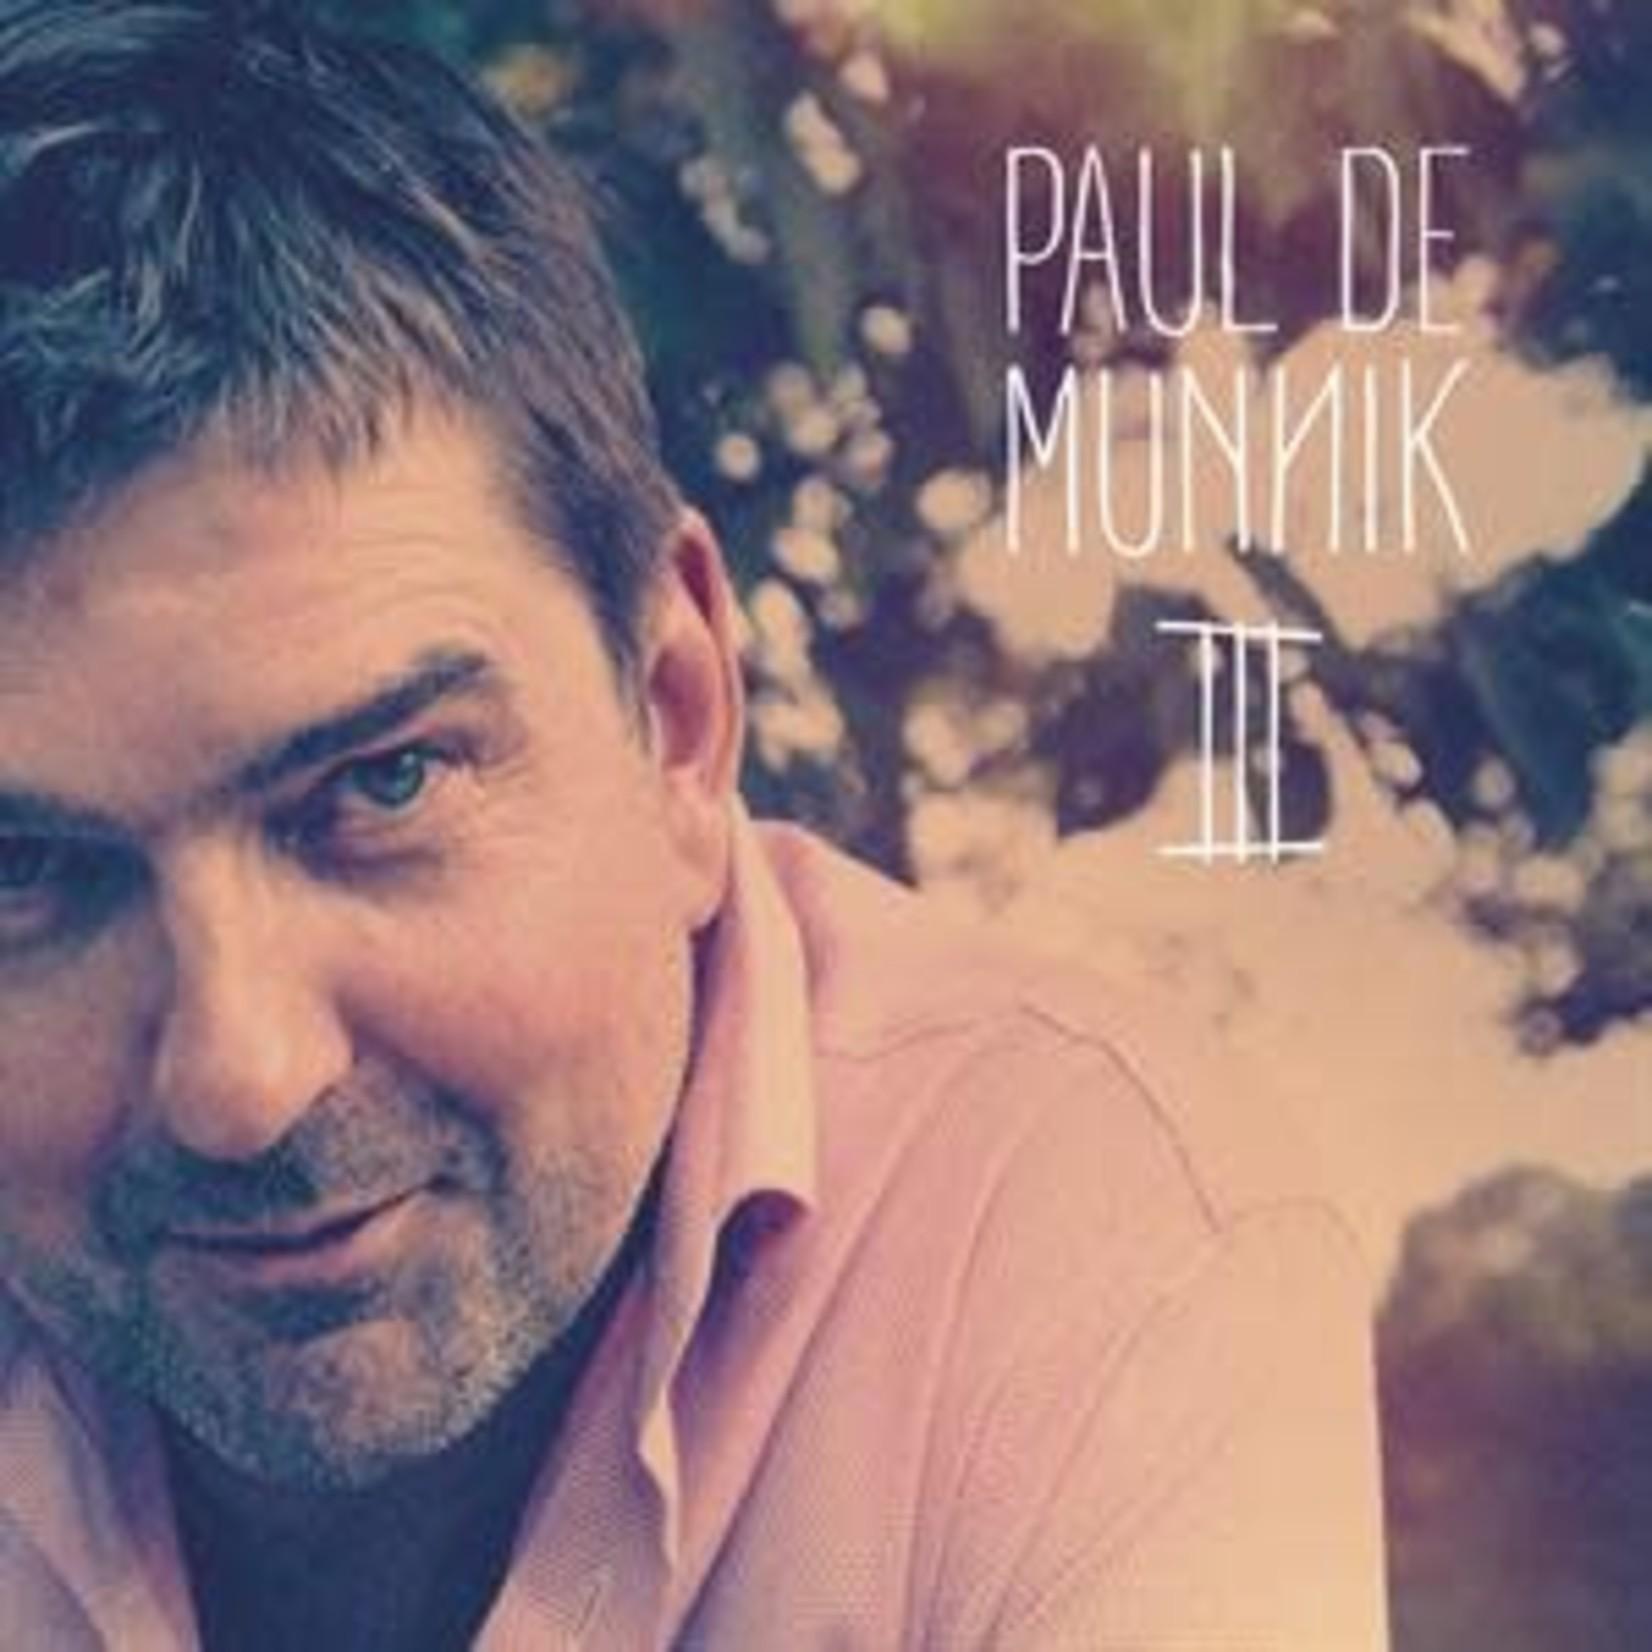 MUNNIK_ PAUL DE - III (VINYL)